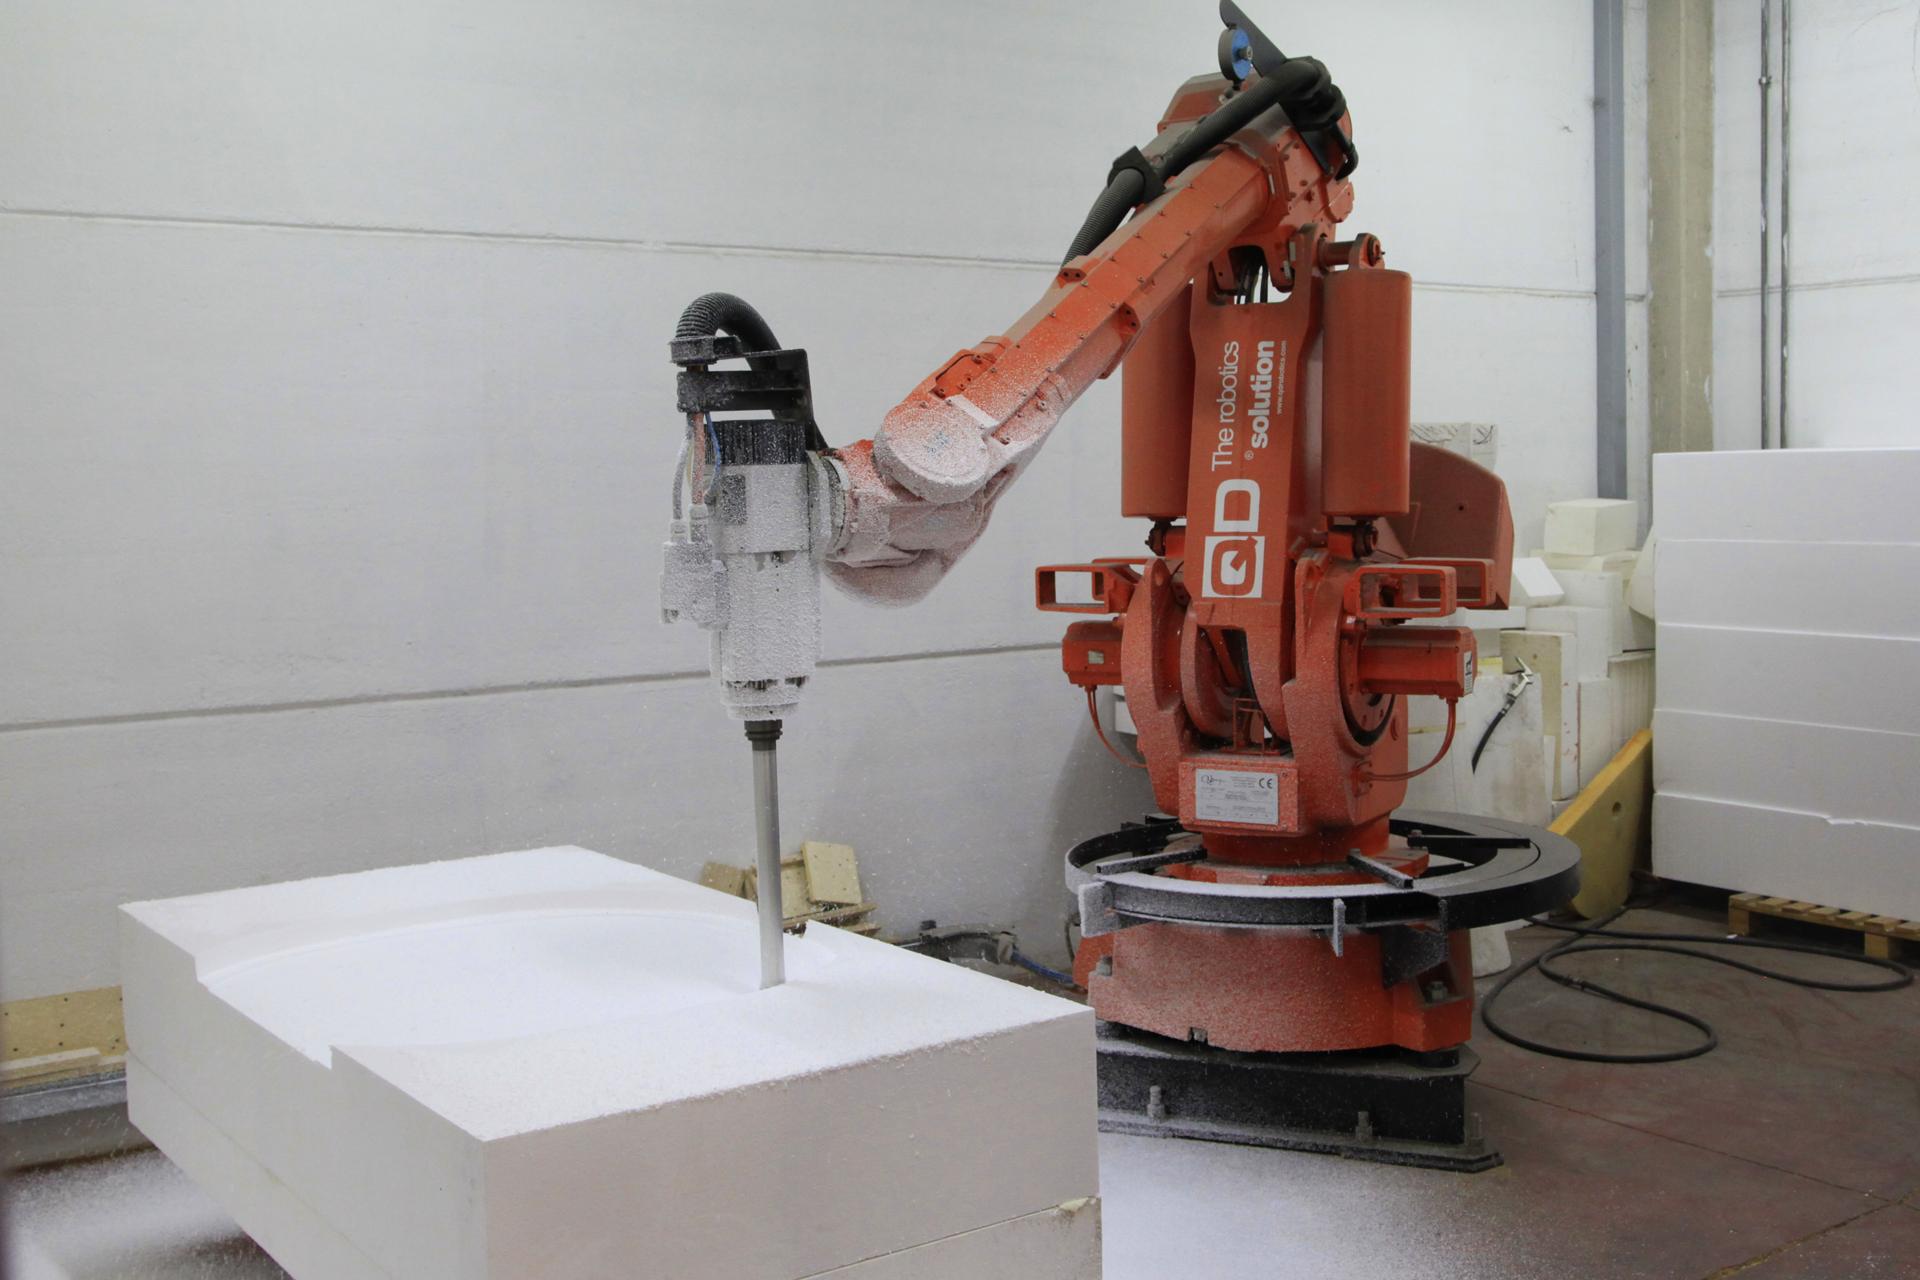 realizzazione stampo e prototipo prodotti in materiale termoplastico